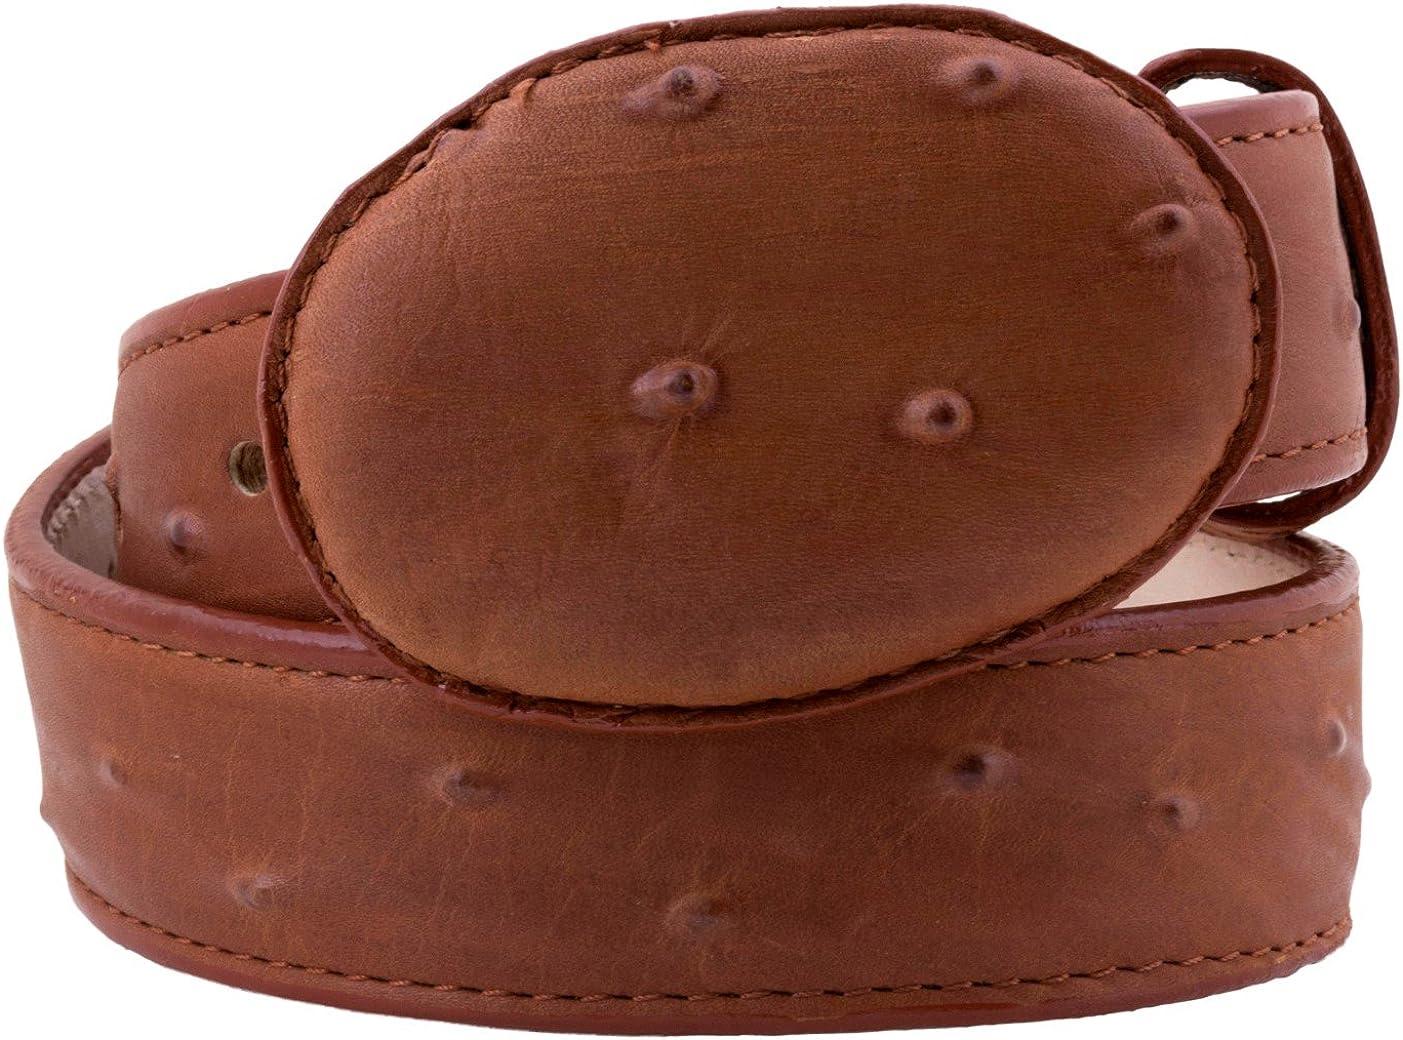 Kids Cowboy Western Belt Cognac Ostrich Pattern Leather Round Buckle 20